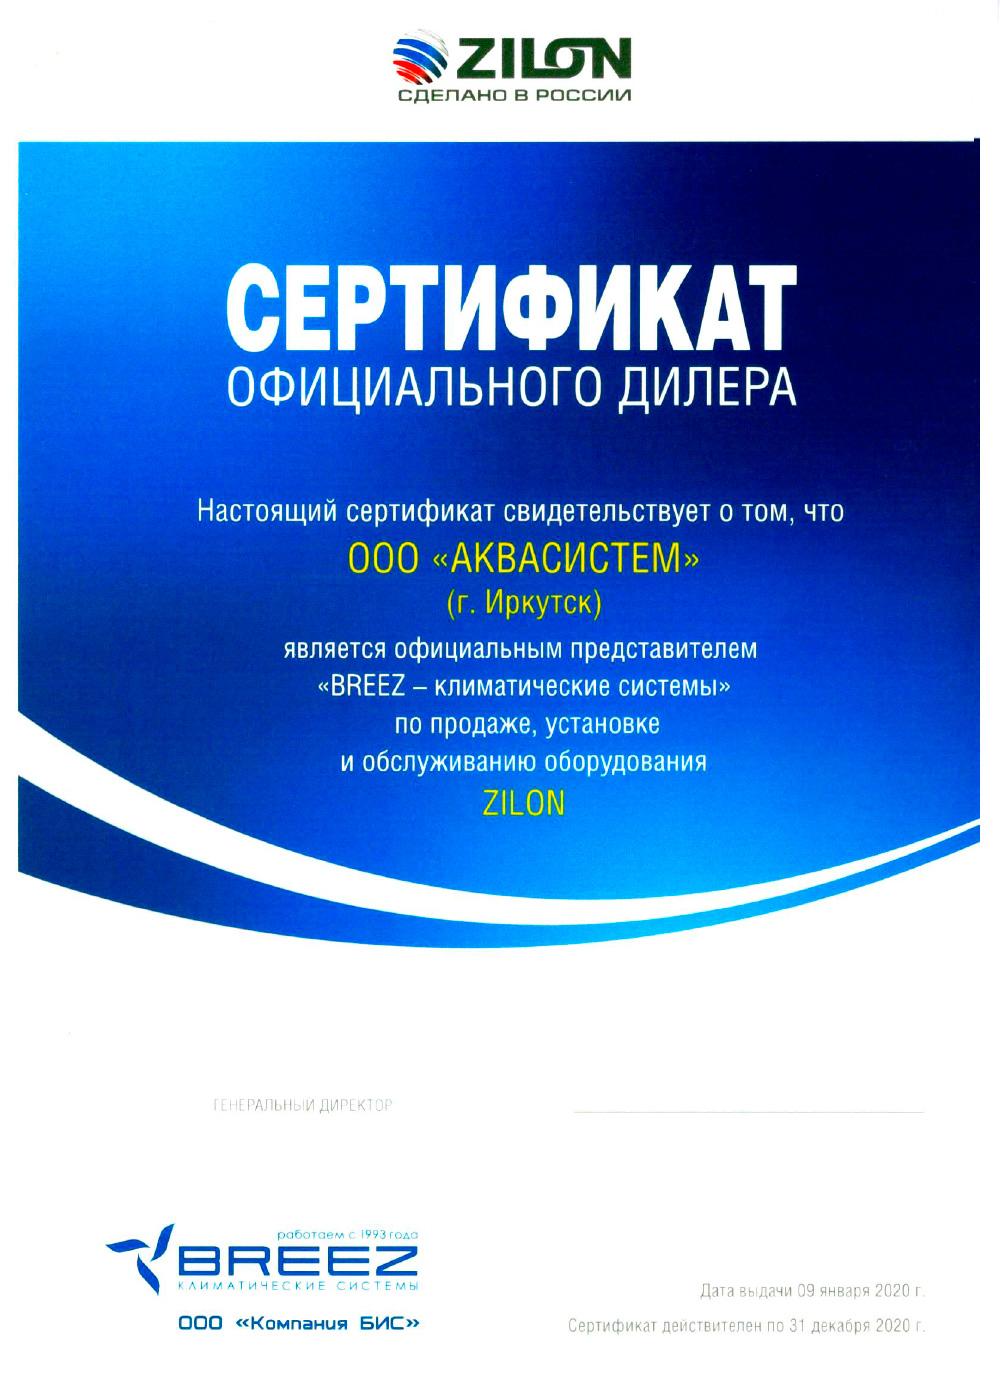 Сертификат официального дилера ZILON